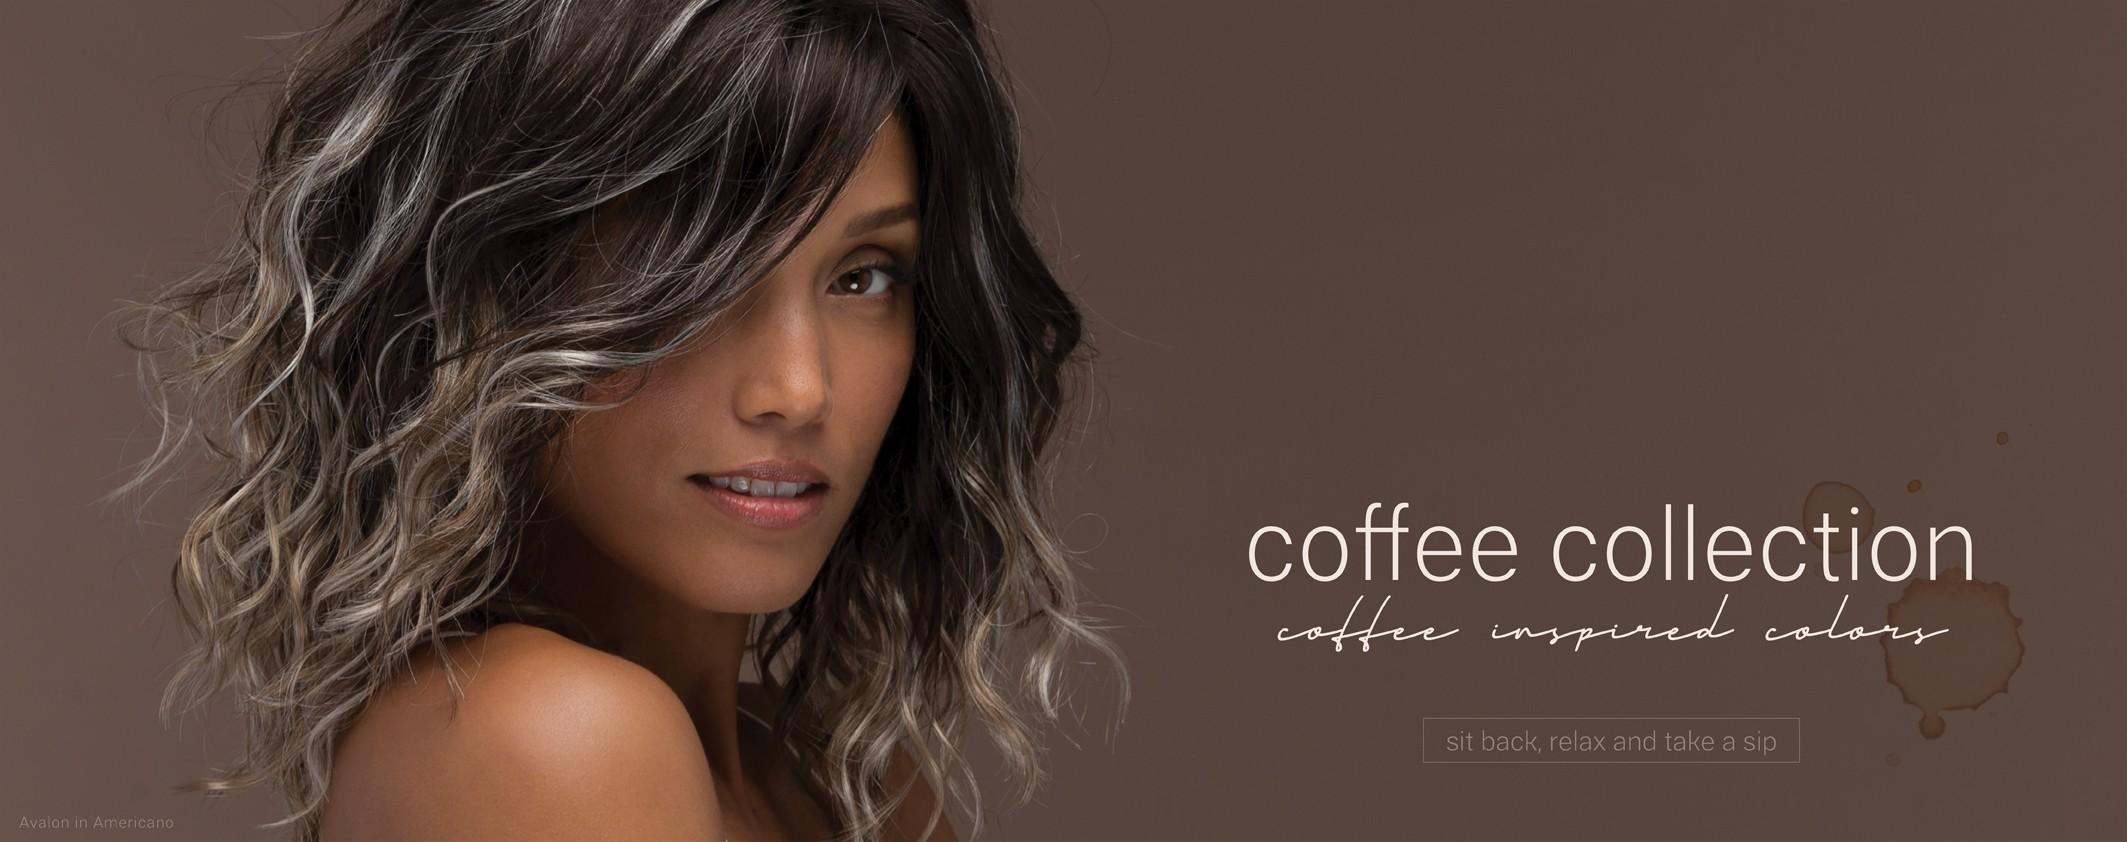 Estetica Designs  Coffee Collection